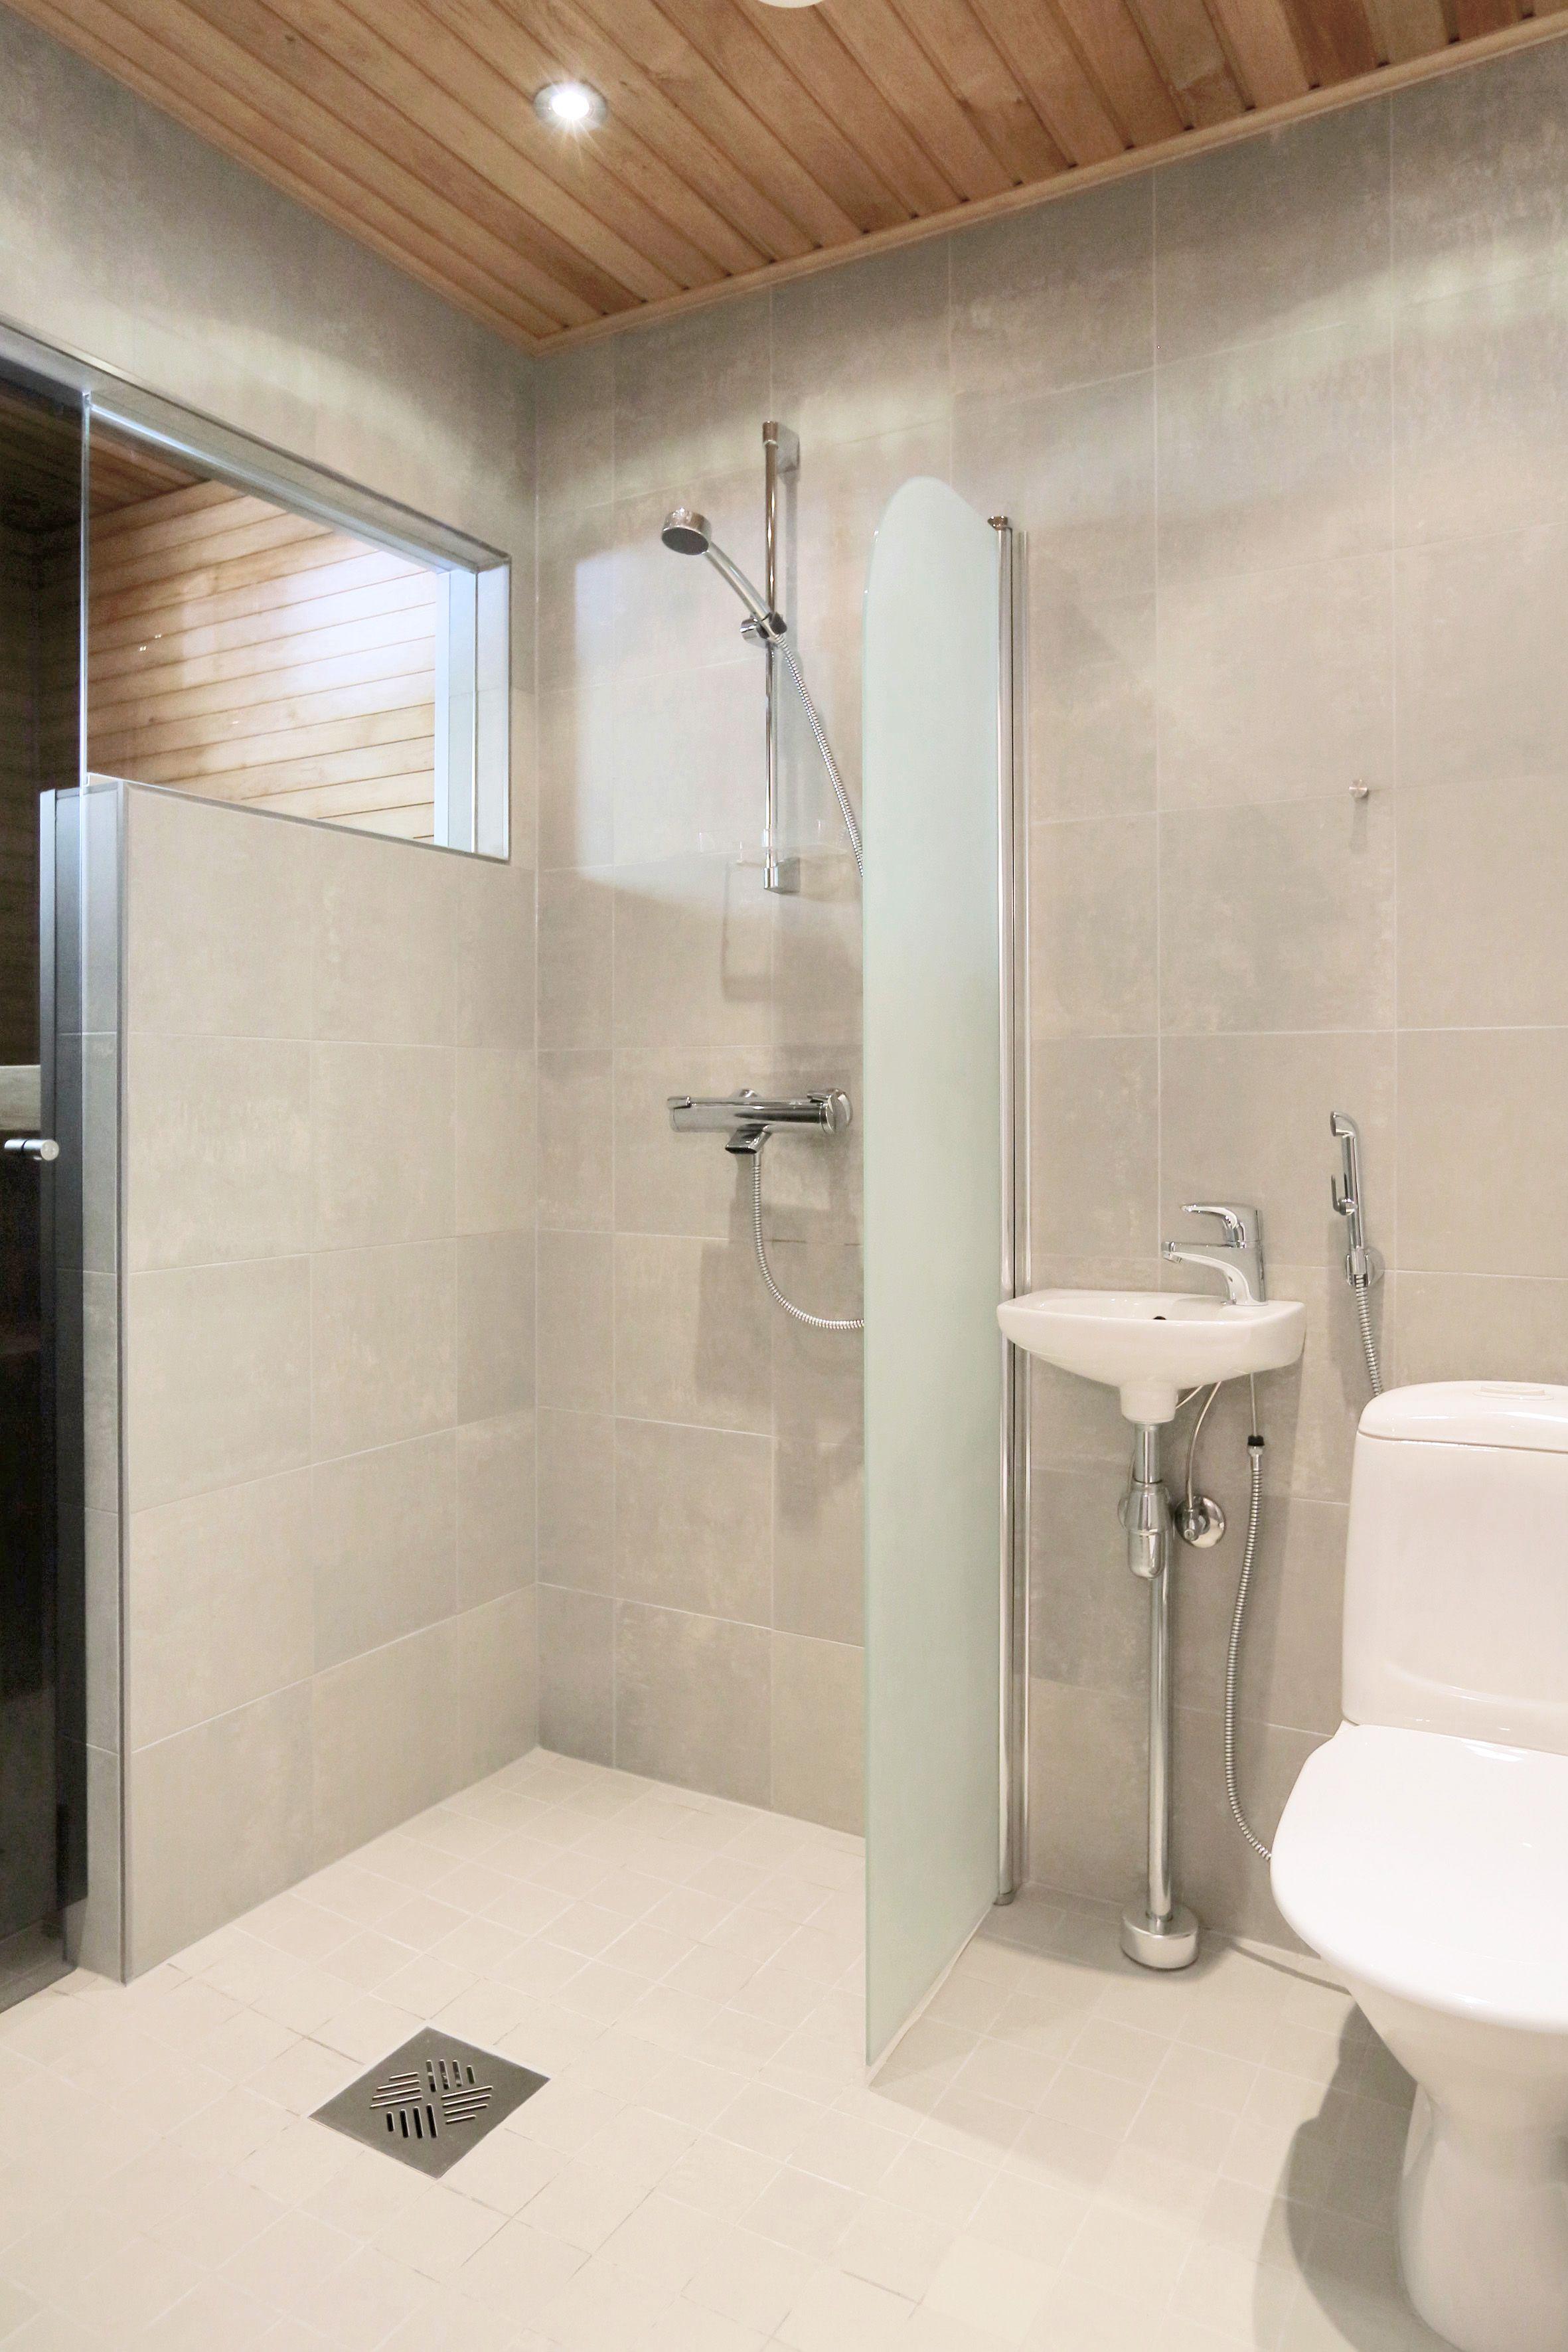 Kylpyhuoneen laattavalinnat ABL-Laatat. #hiekka #beige #harmaa ...